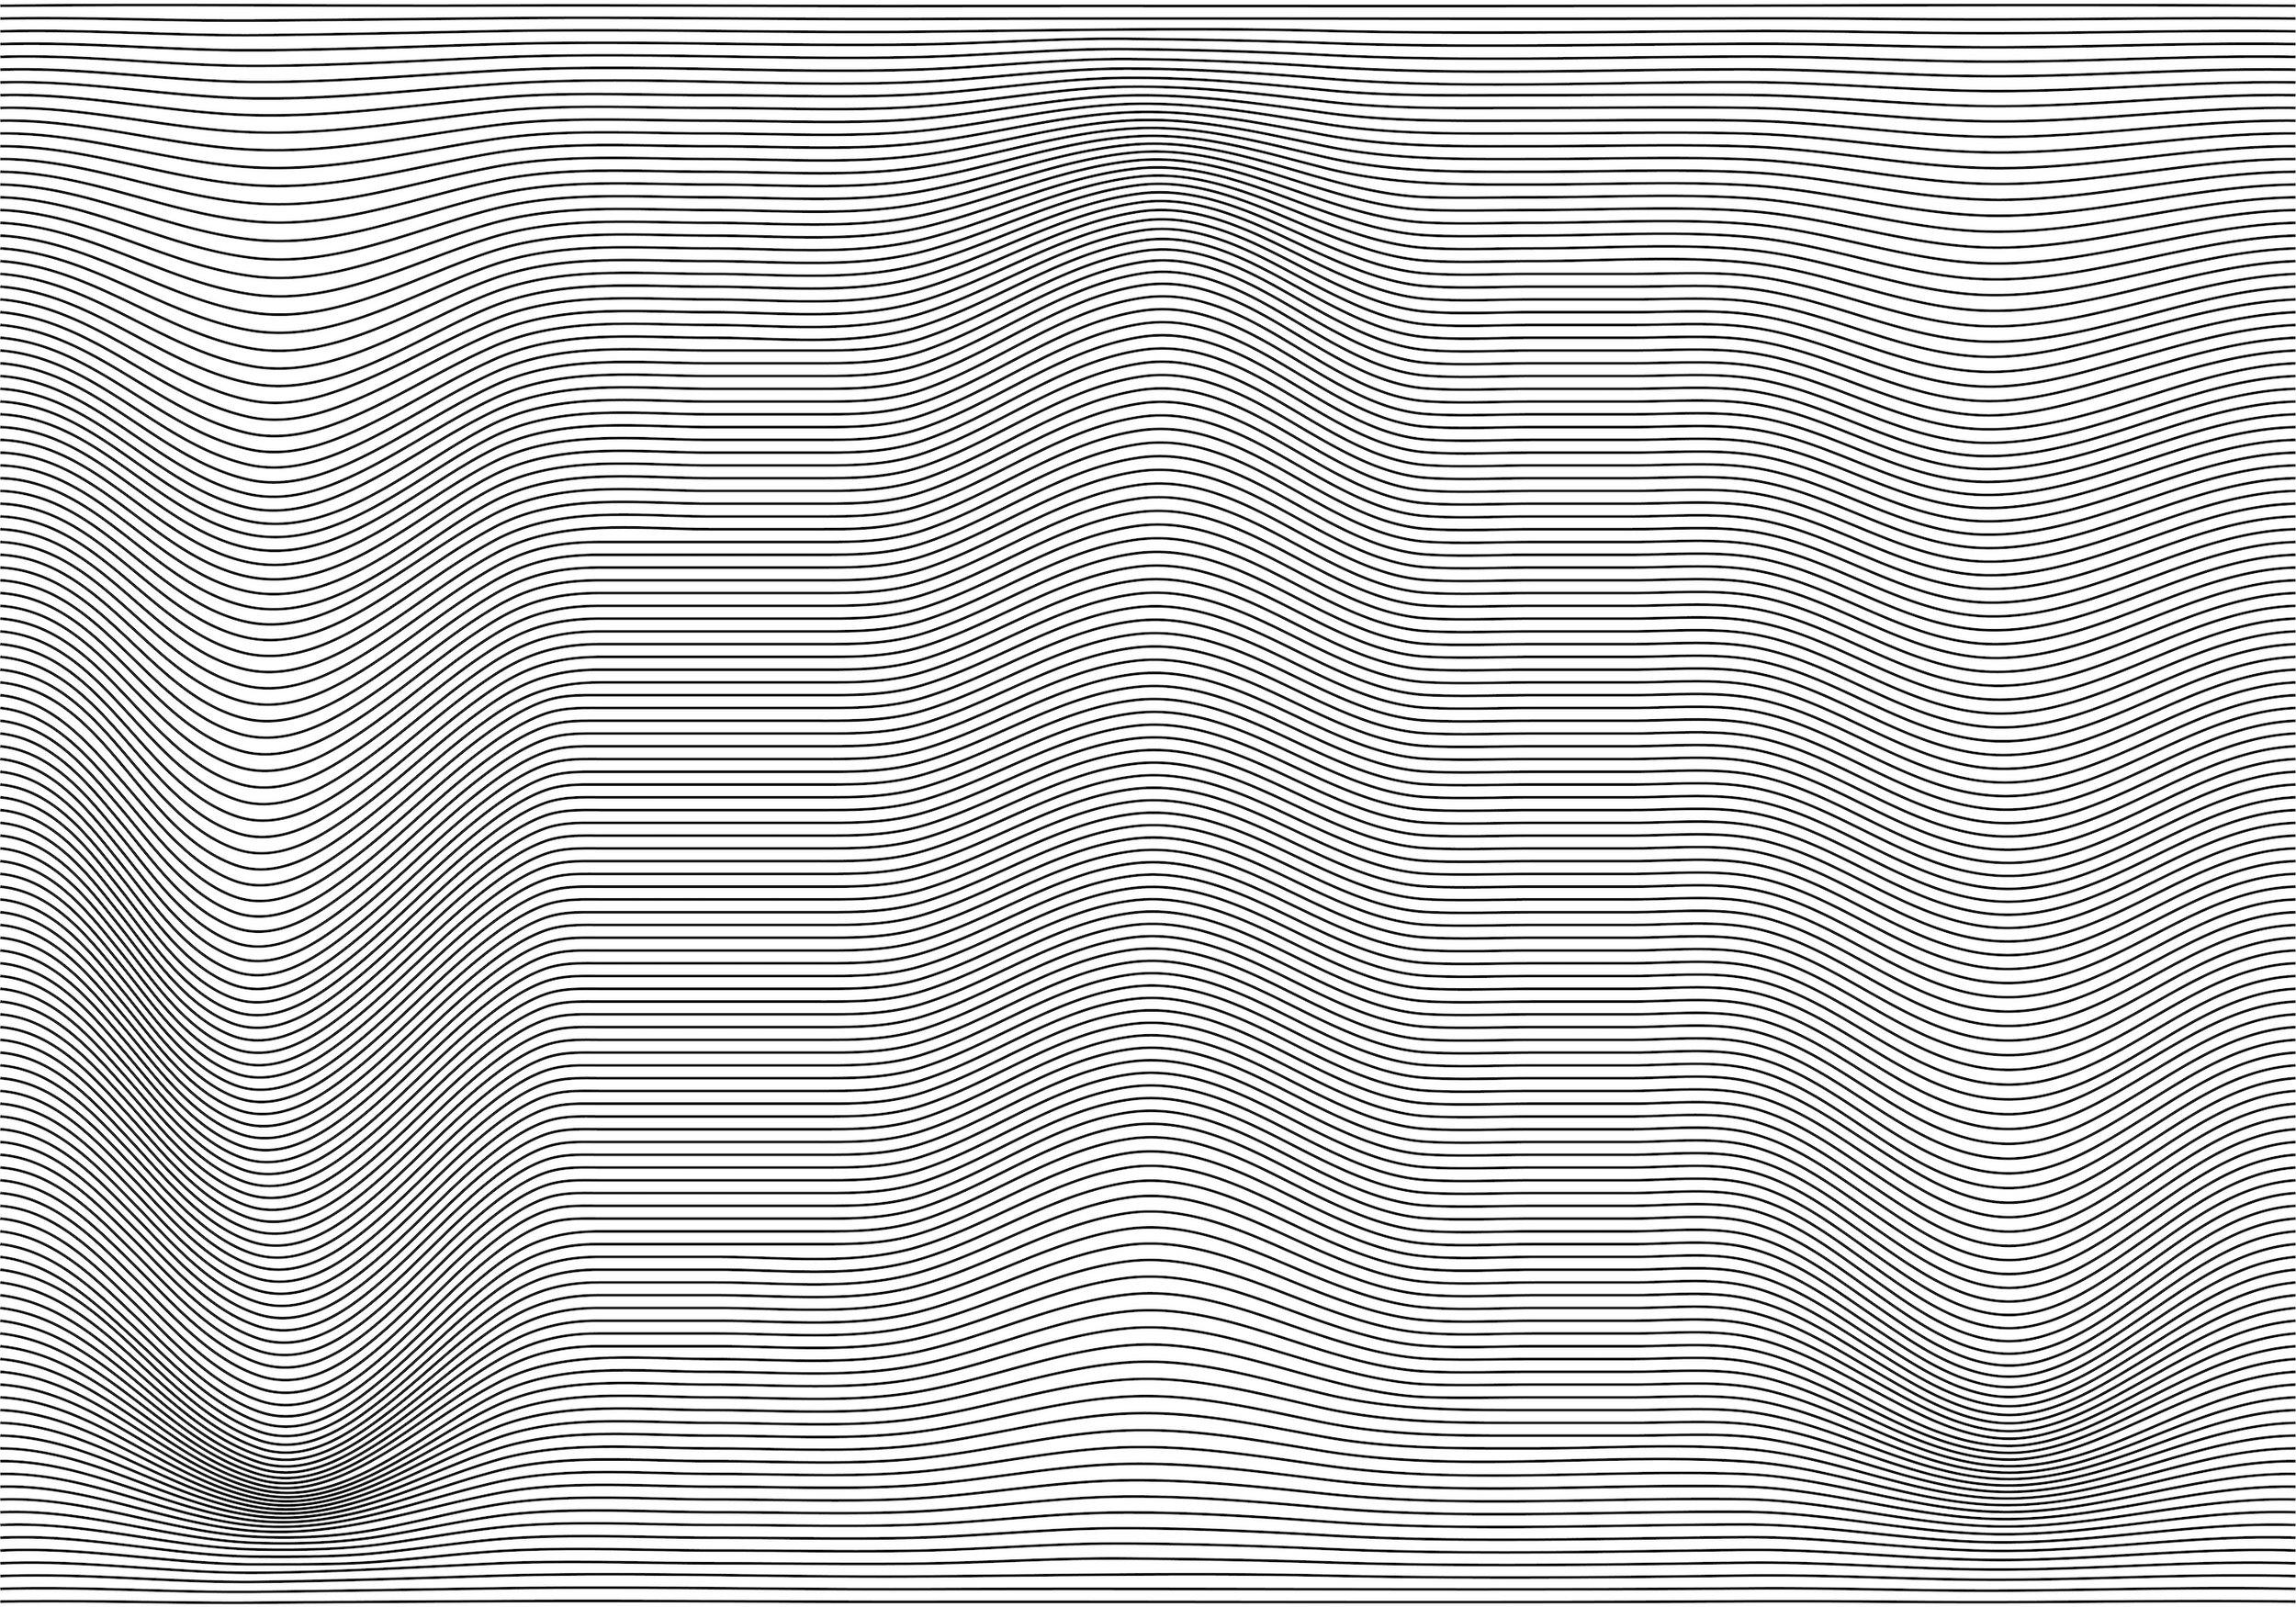 generative-01-smaller.jpg